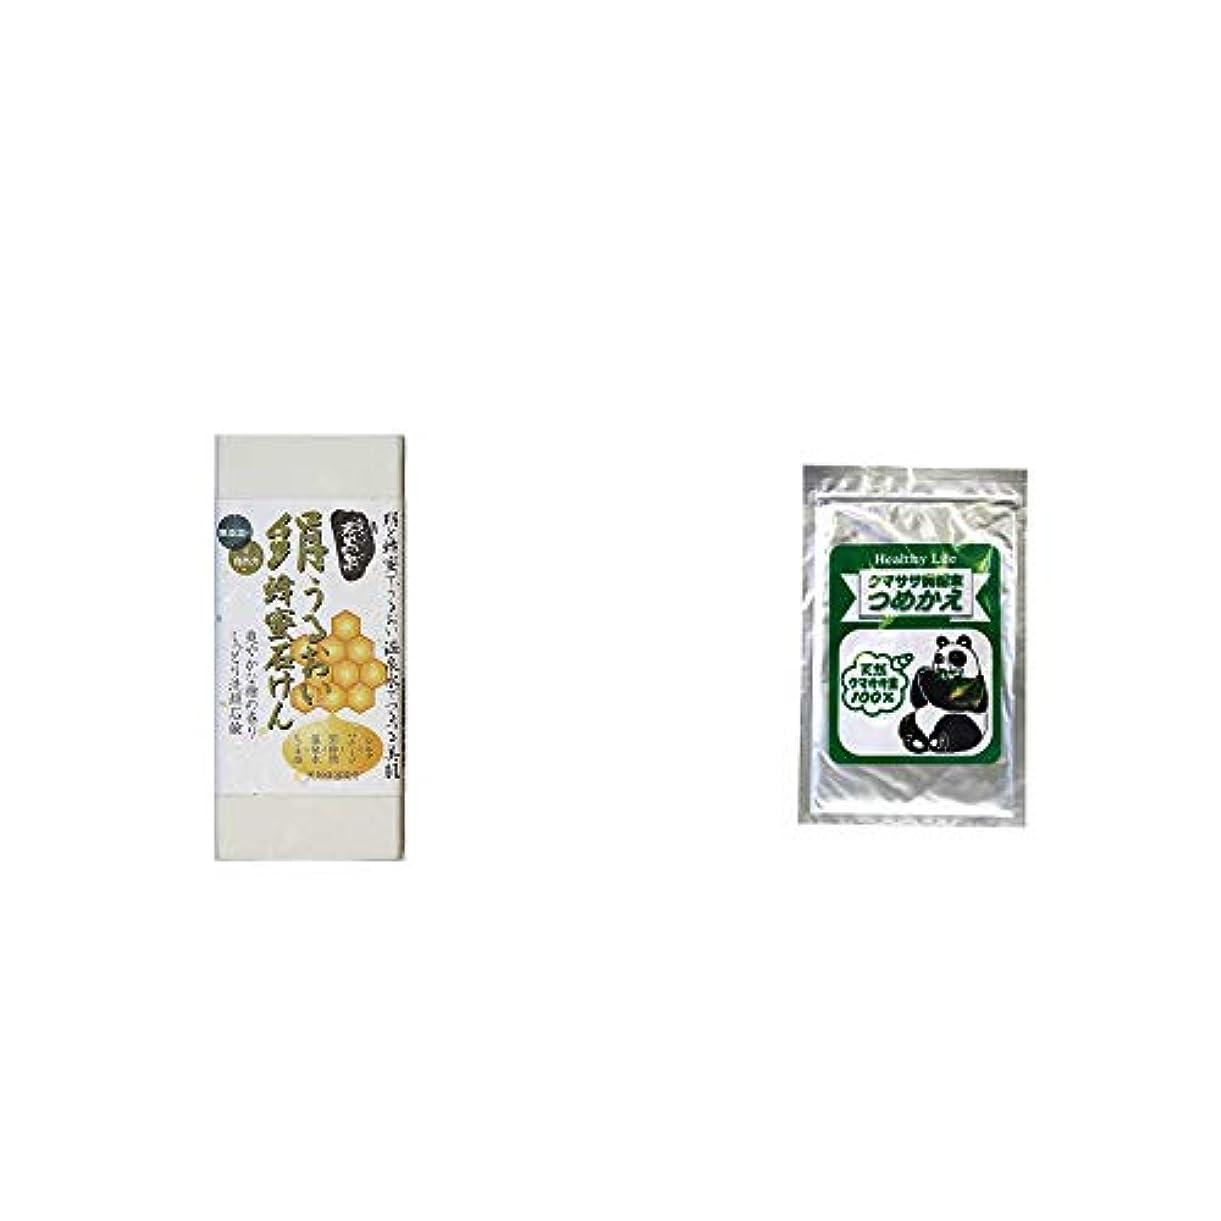 マントルホット満了[2点セット] ひのき炭黒泉 絹うるおい蜂蜜石けん(75g×2)?木曽産 熊笹100% クマササ微粉末 詰め替え用 (60g)